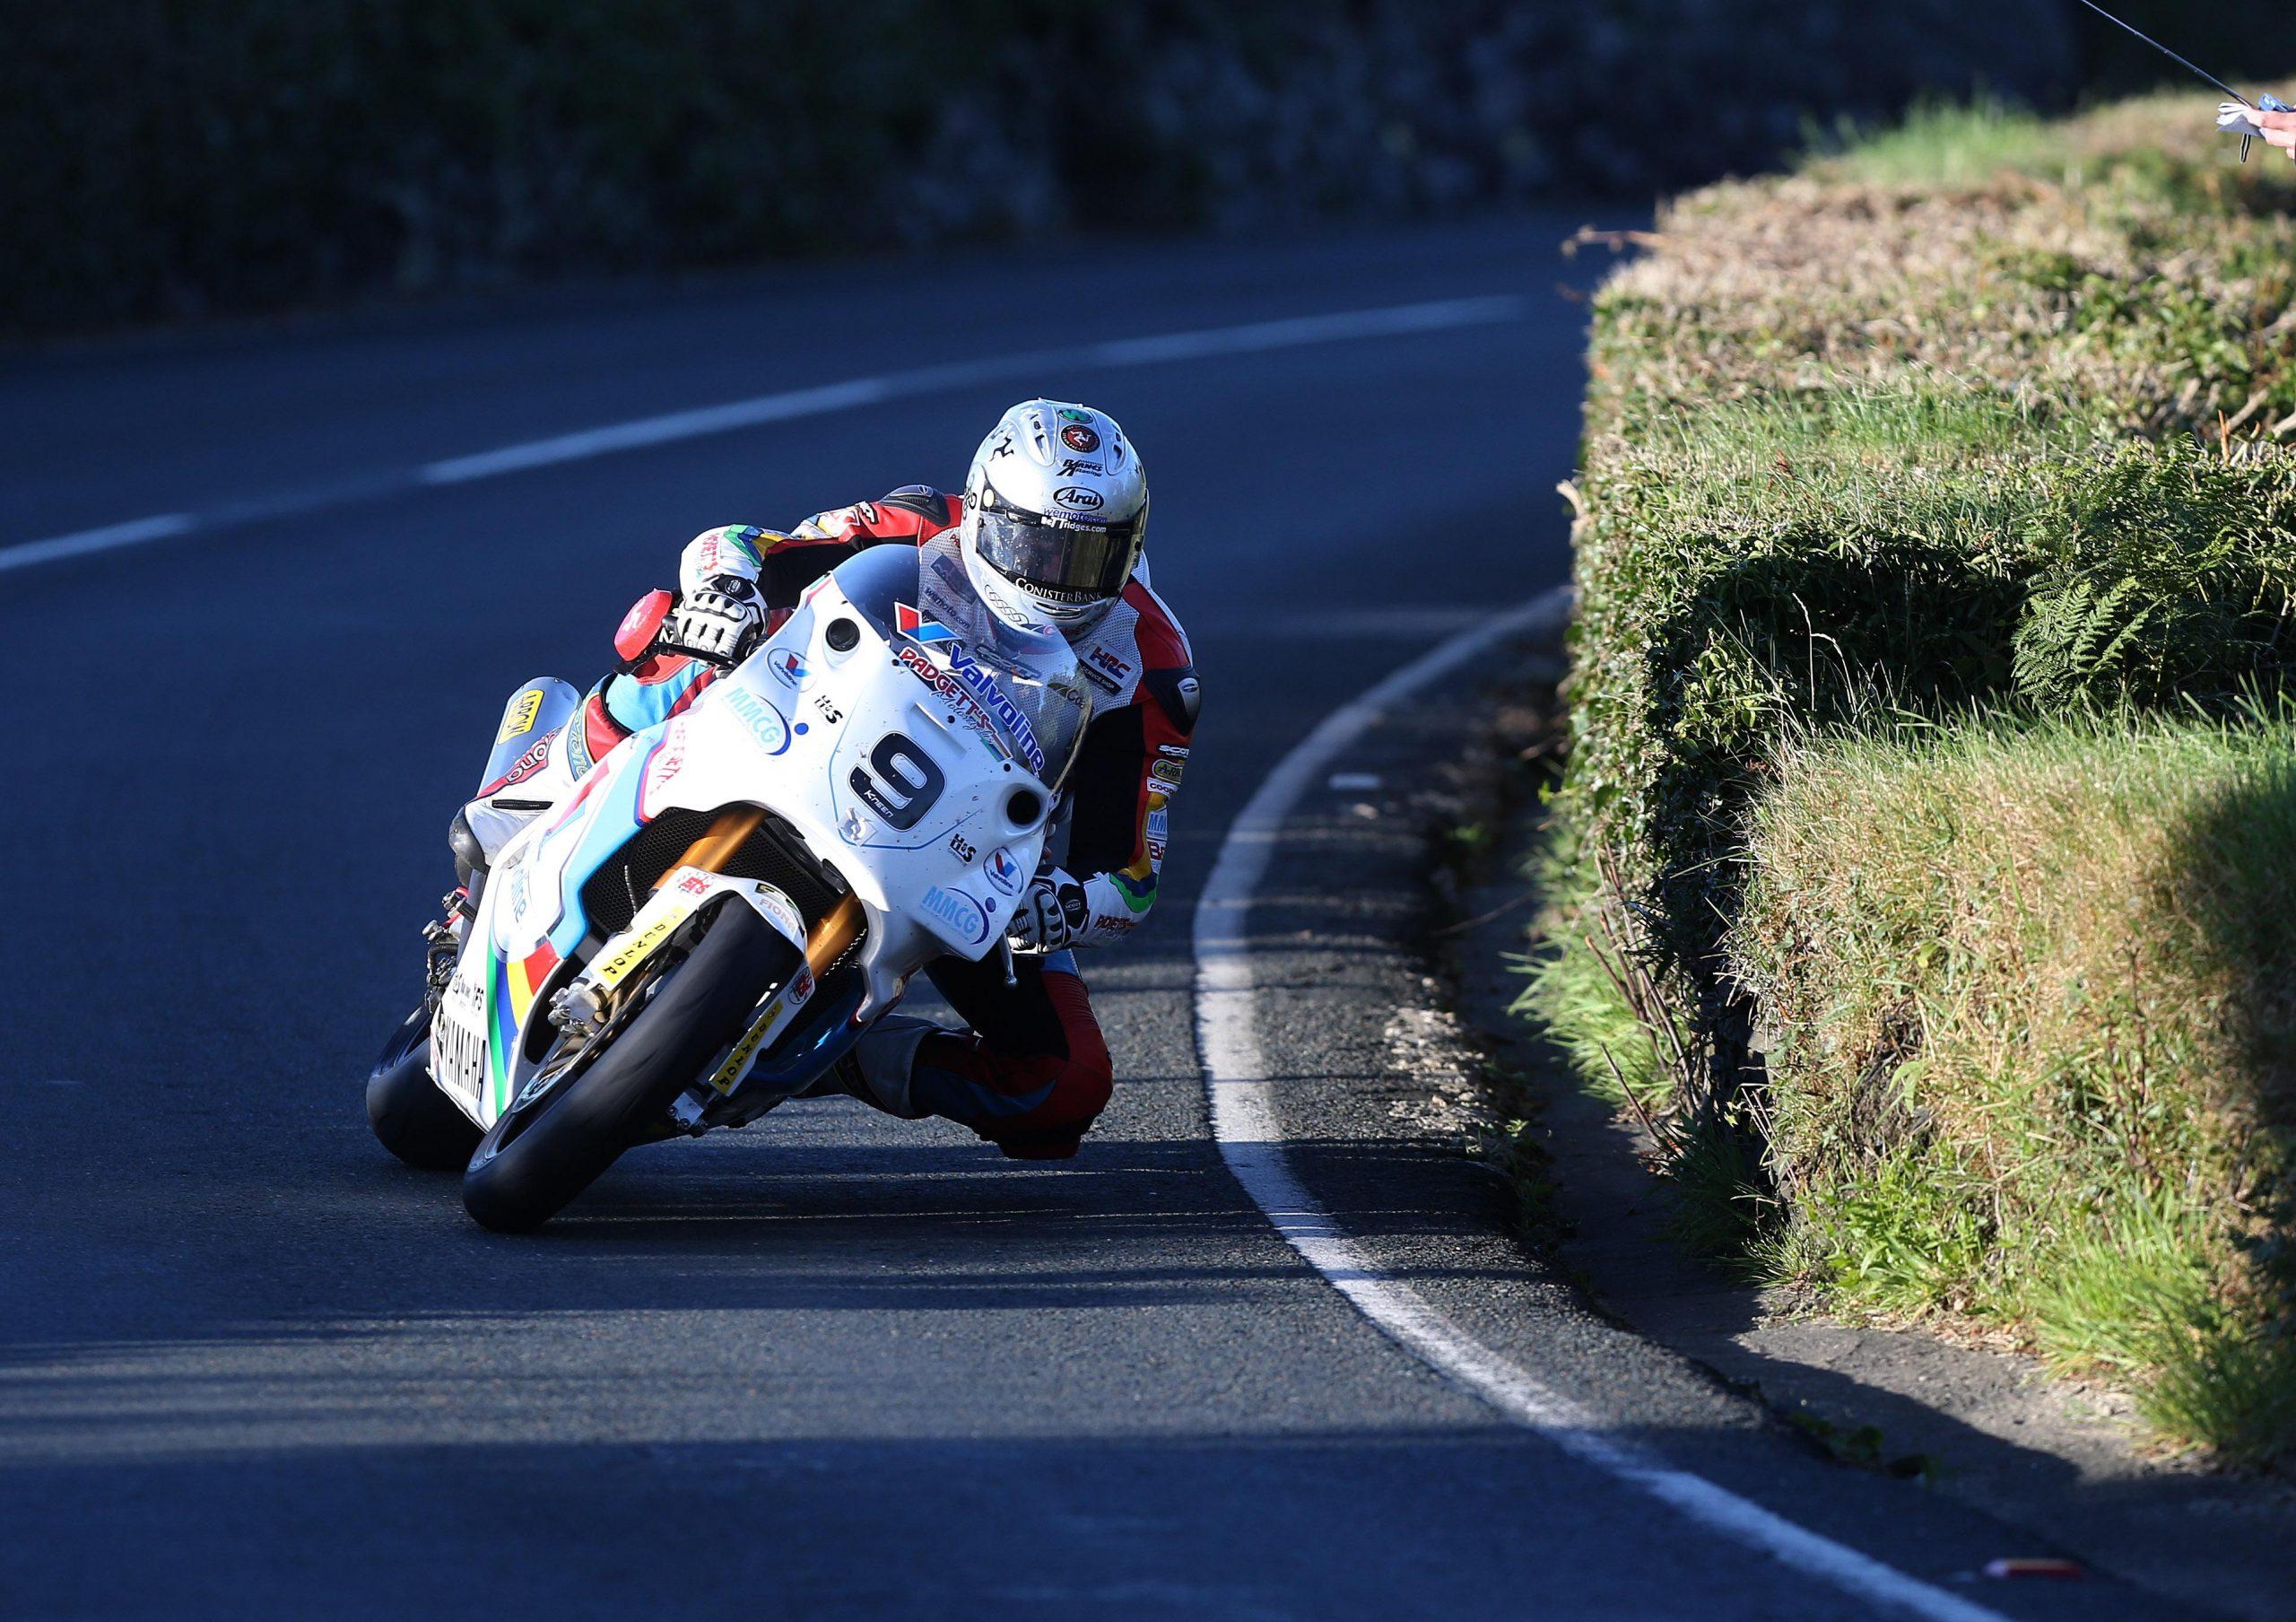 Dan Kneen motorcycle racer